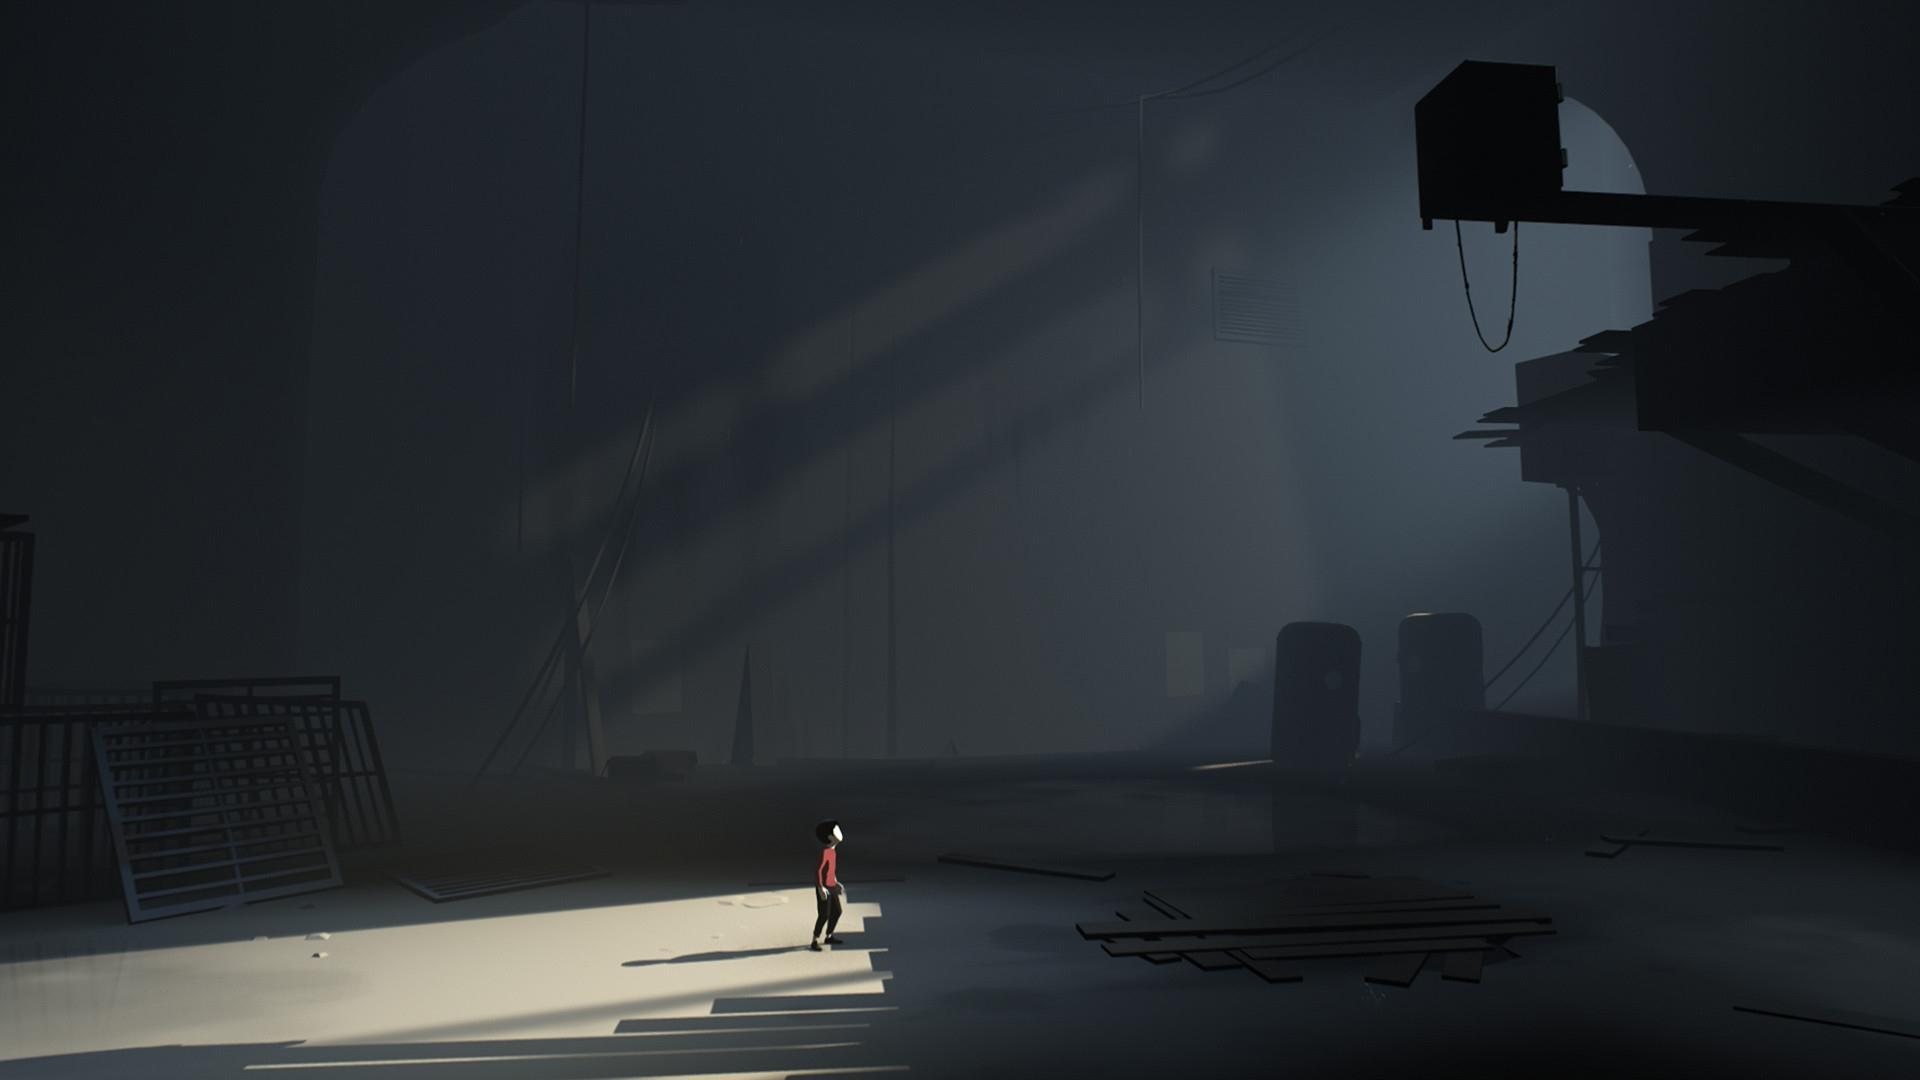 Разработчики Limbo поделились в Твиттере концепт-артом новой игры